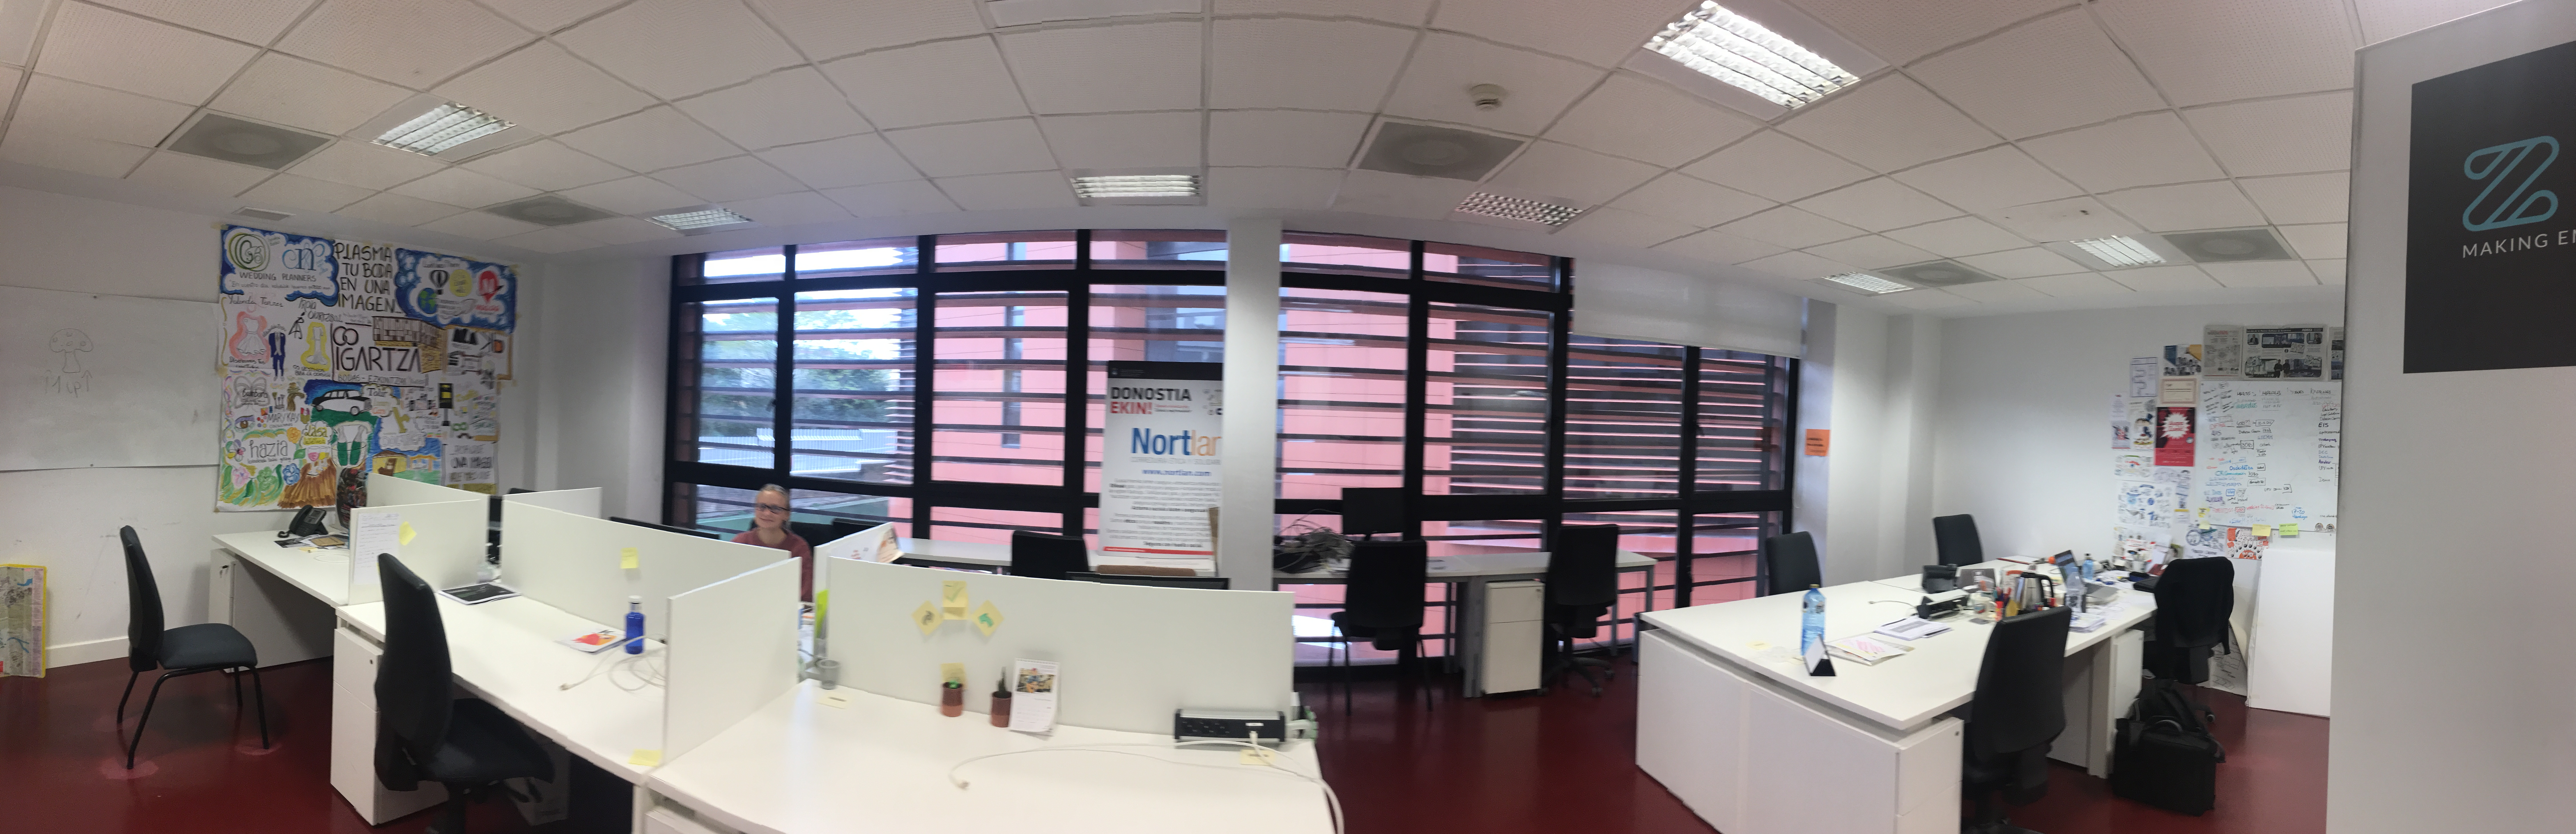 Iceberg Visual Consulting office in Innogune (San Sebastian campus)